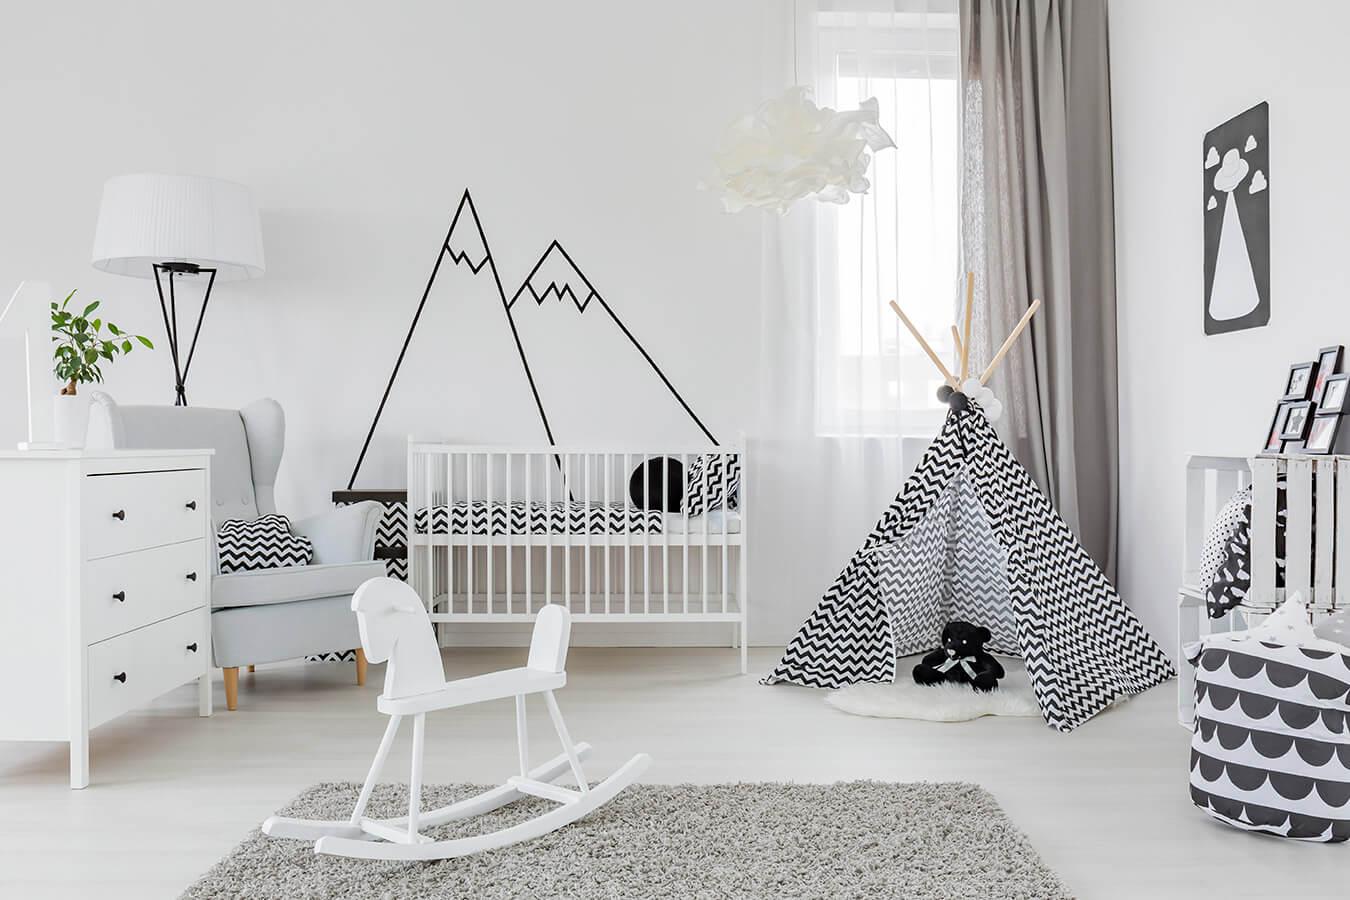 Jak urządzić pokój dla dziecka? Aranżacje pokoju dziecięcego